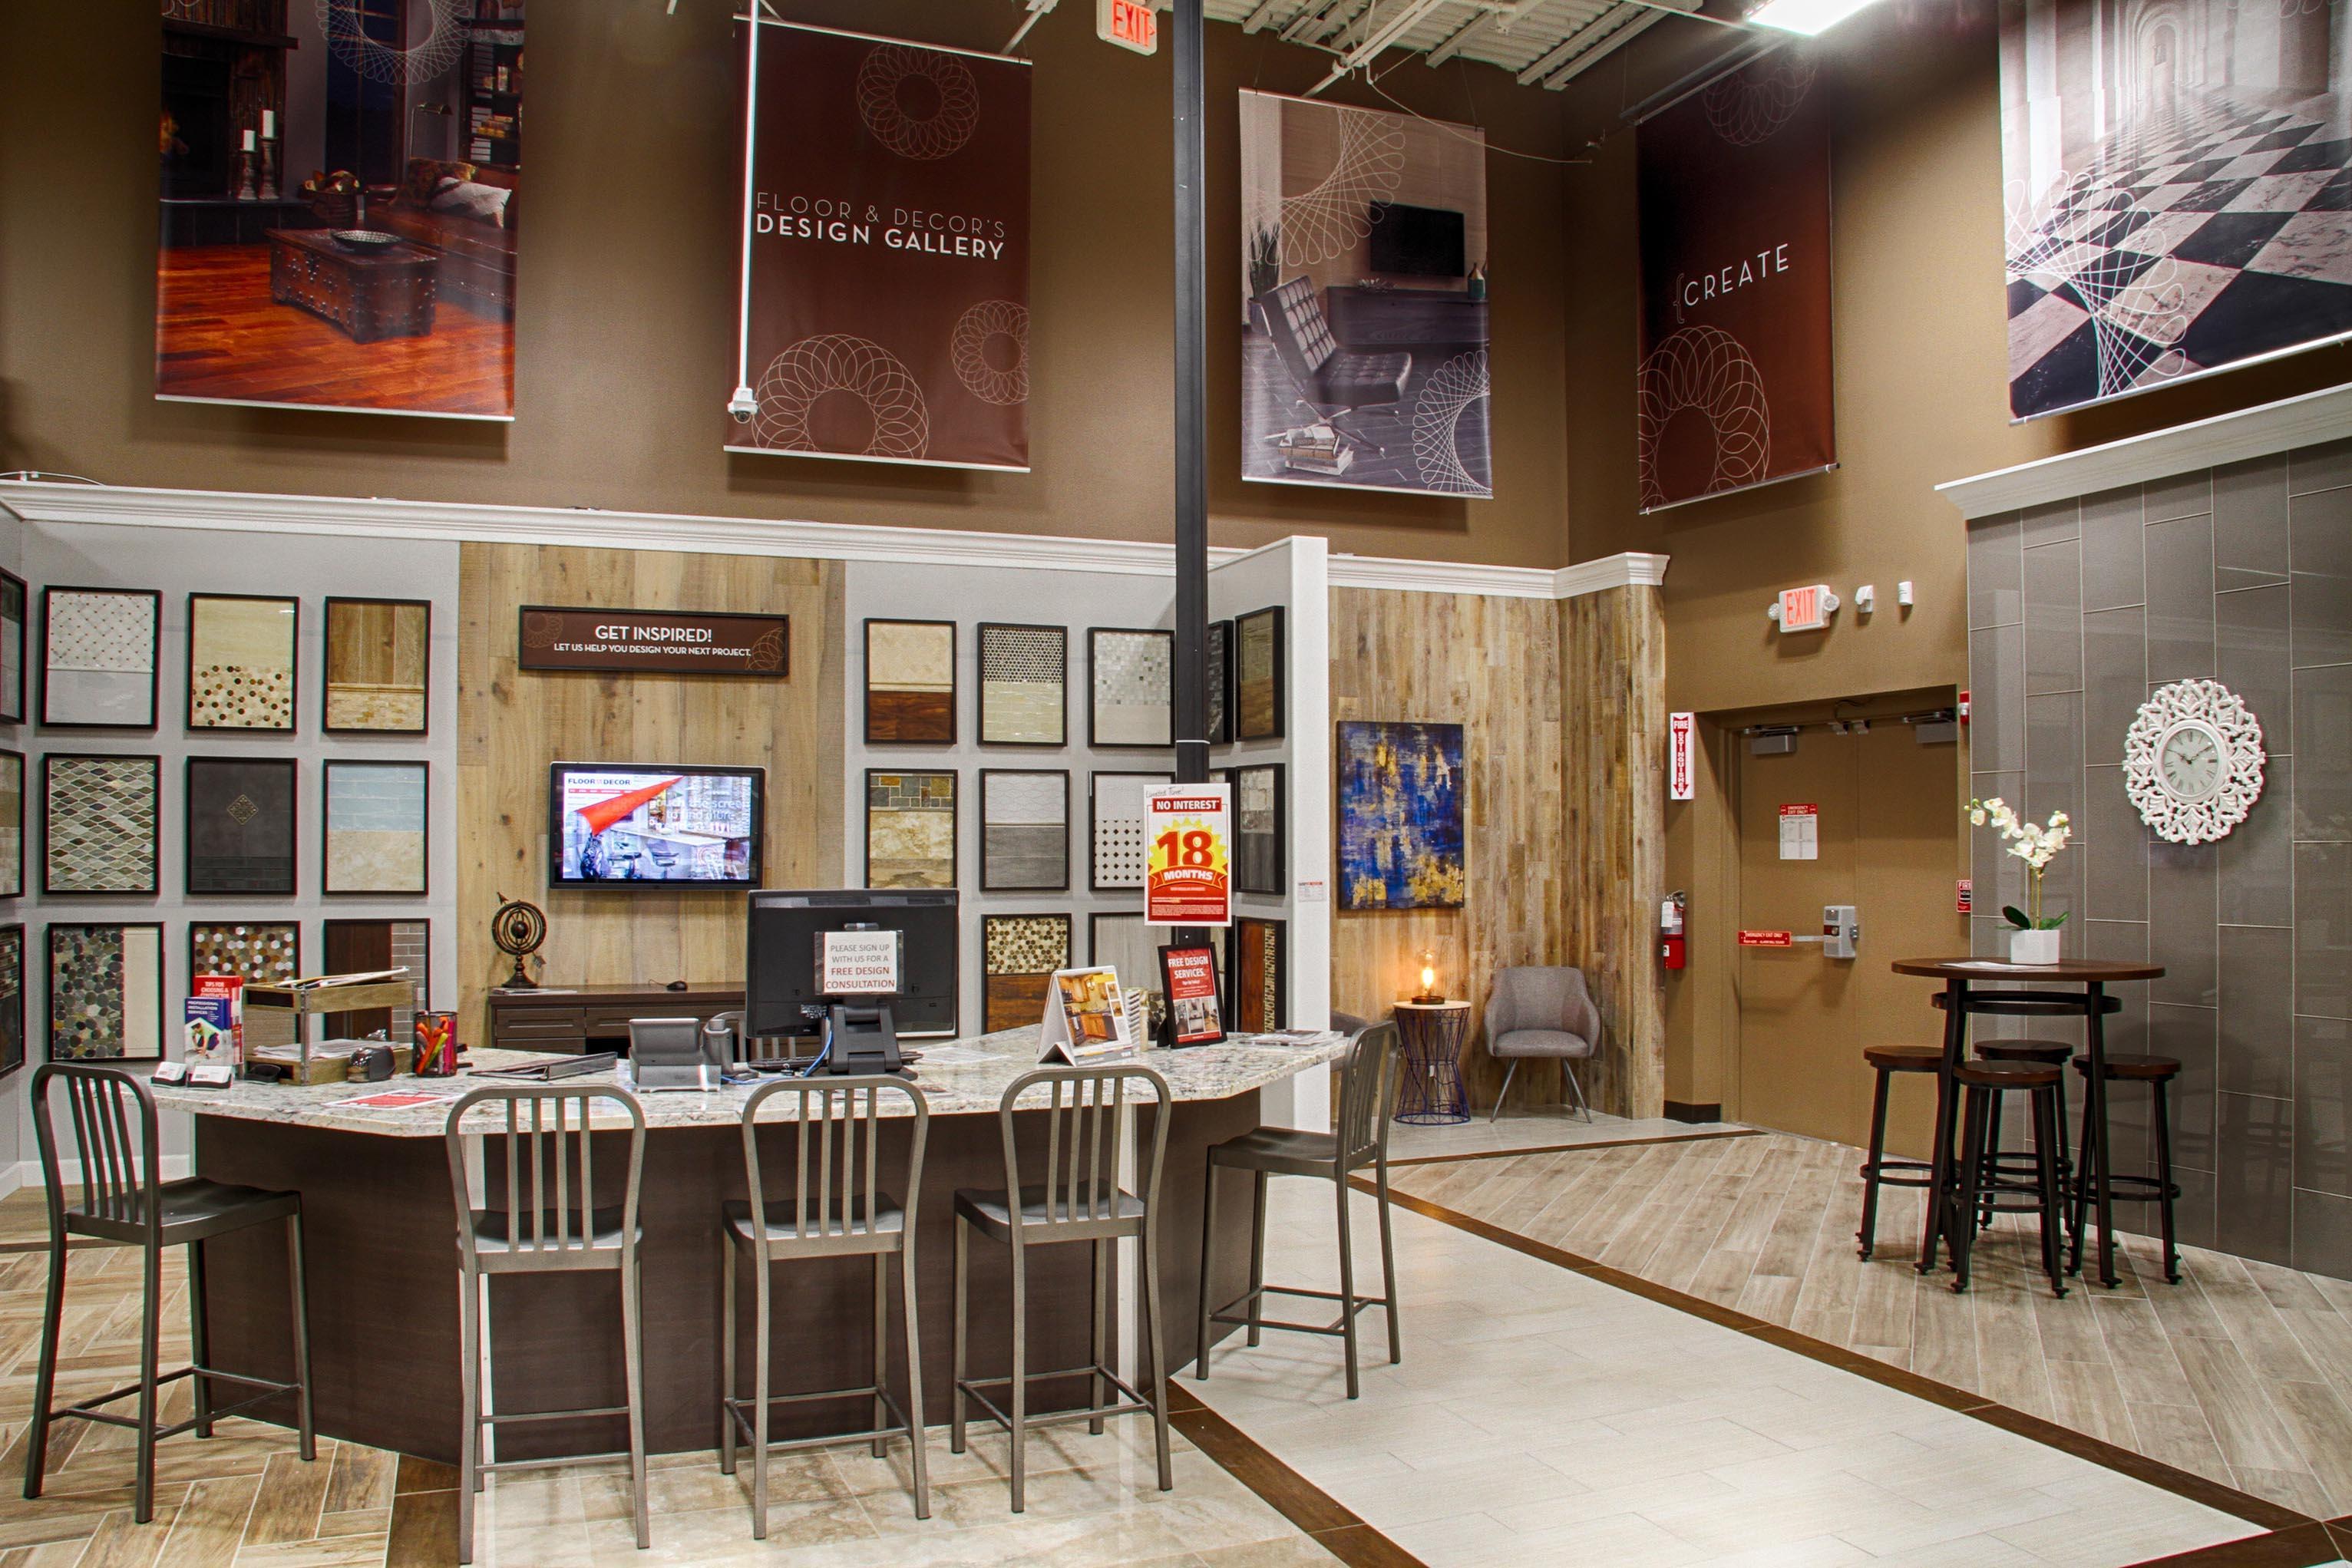 Floor & Decor image 1